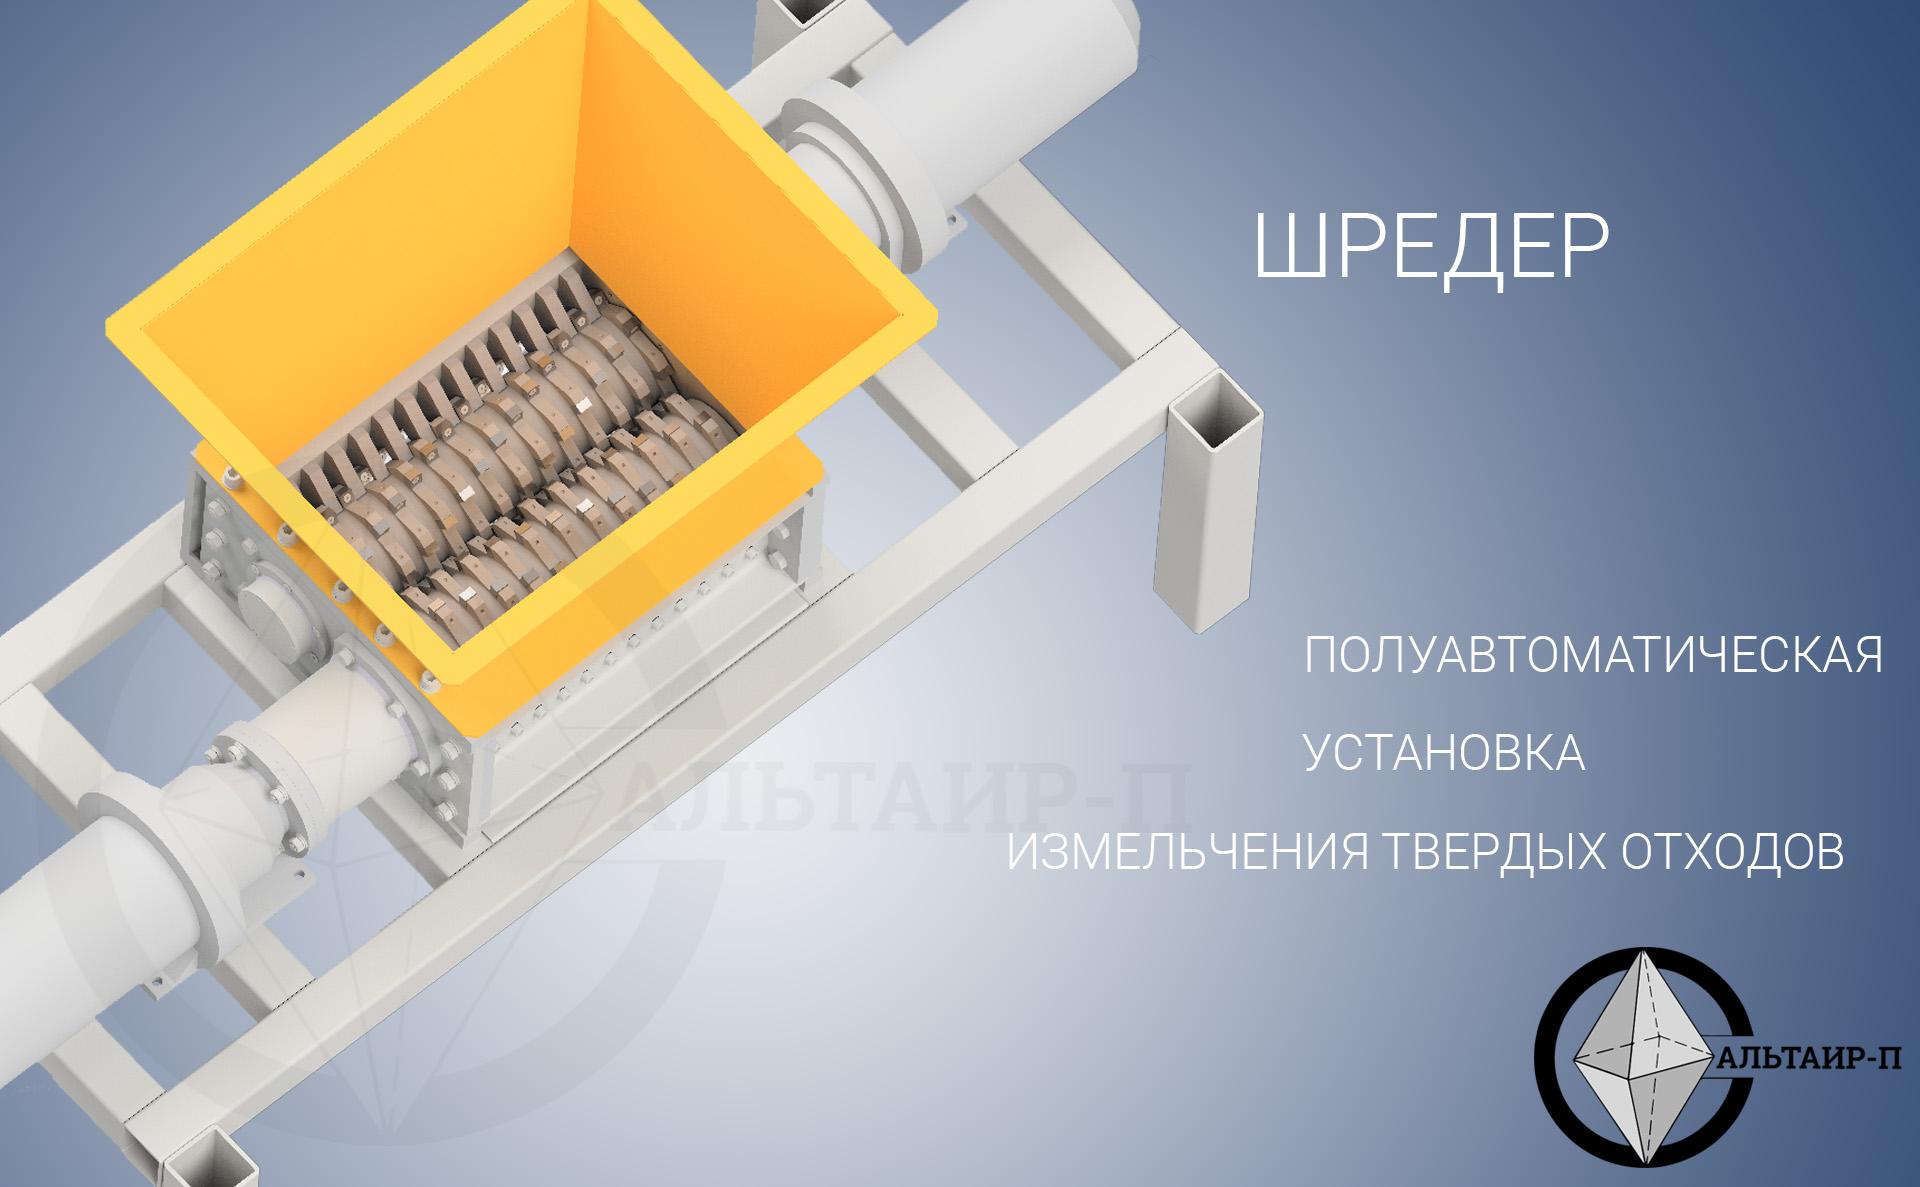 """Полуавтоматическая установка измельчения твердых отходов (шредер) Фирмы """"Альтаир-П"""""""